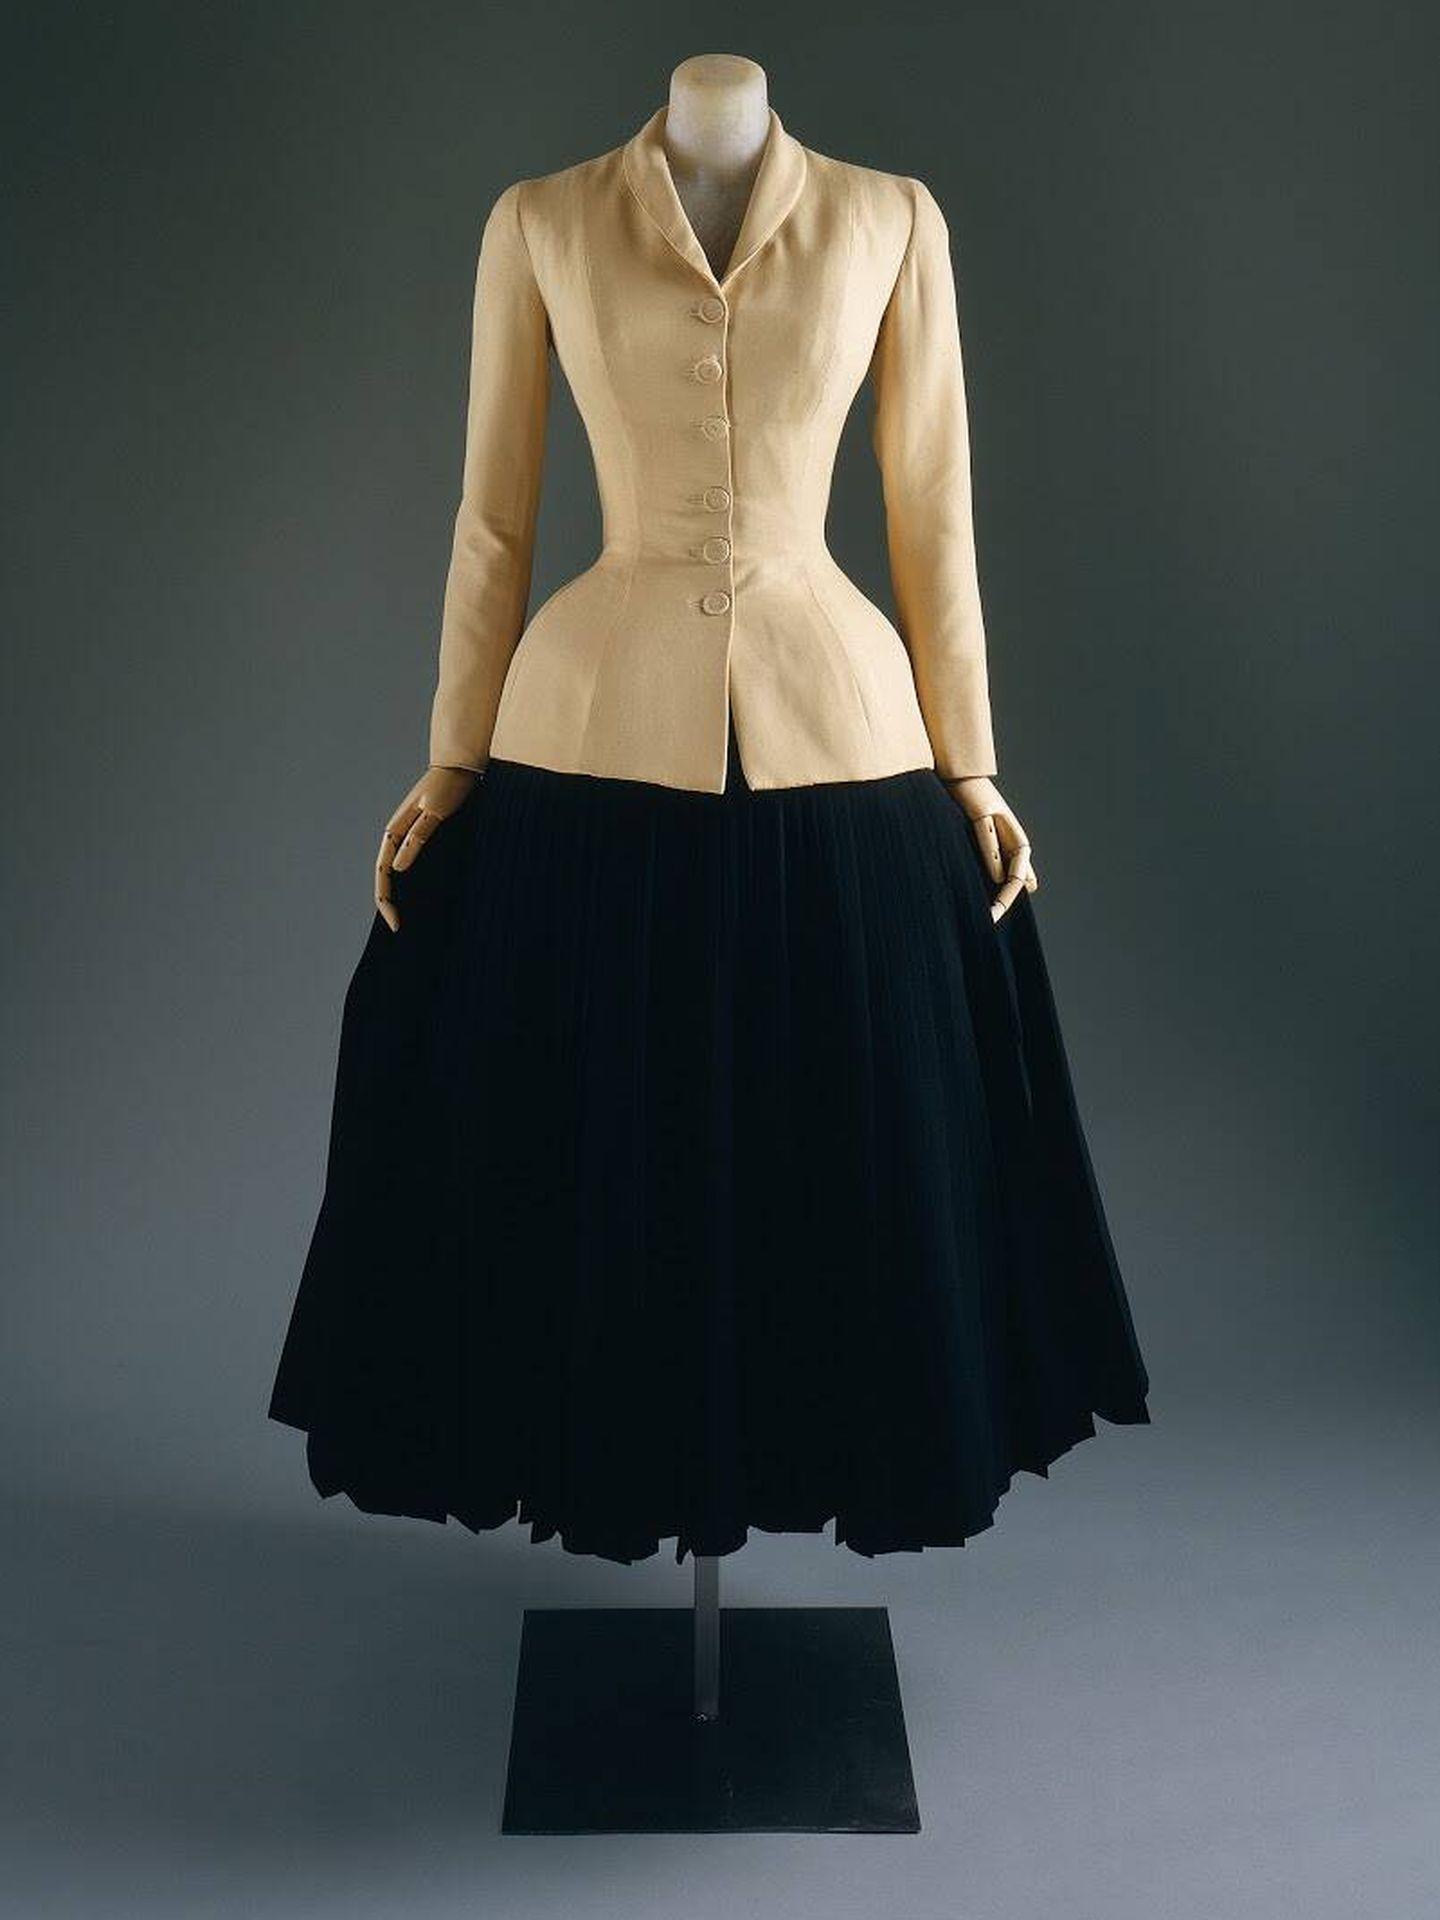 El 'new look' de Christian Dior. (Cortesía Museo Metropolitano de Arte de Nueva York)